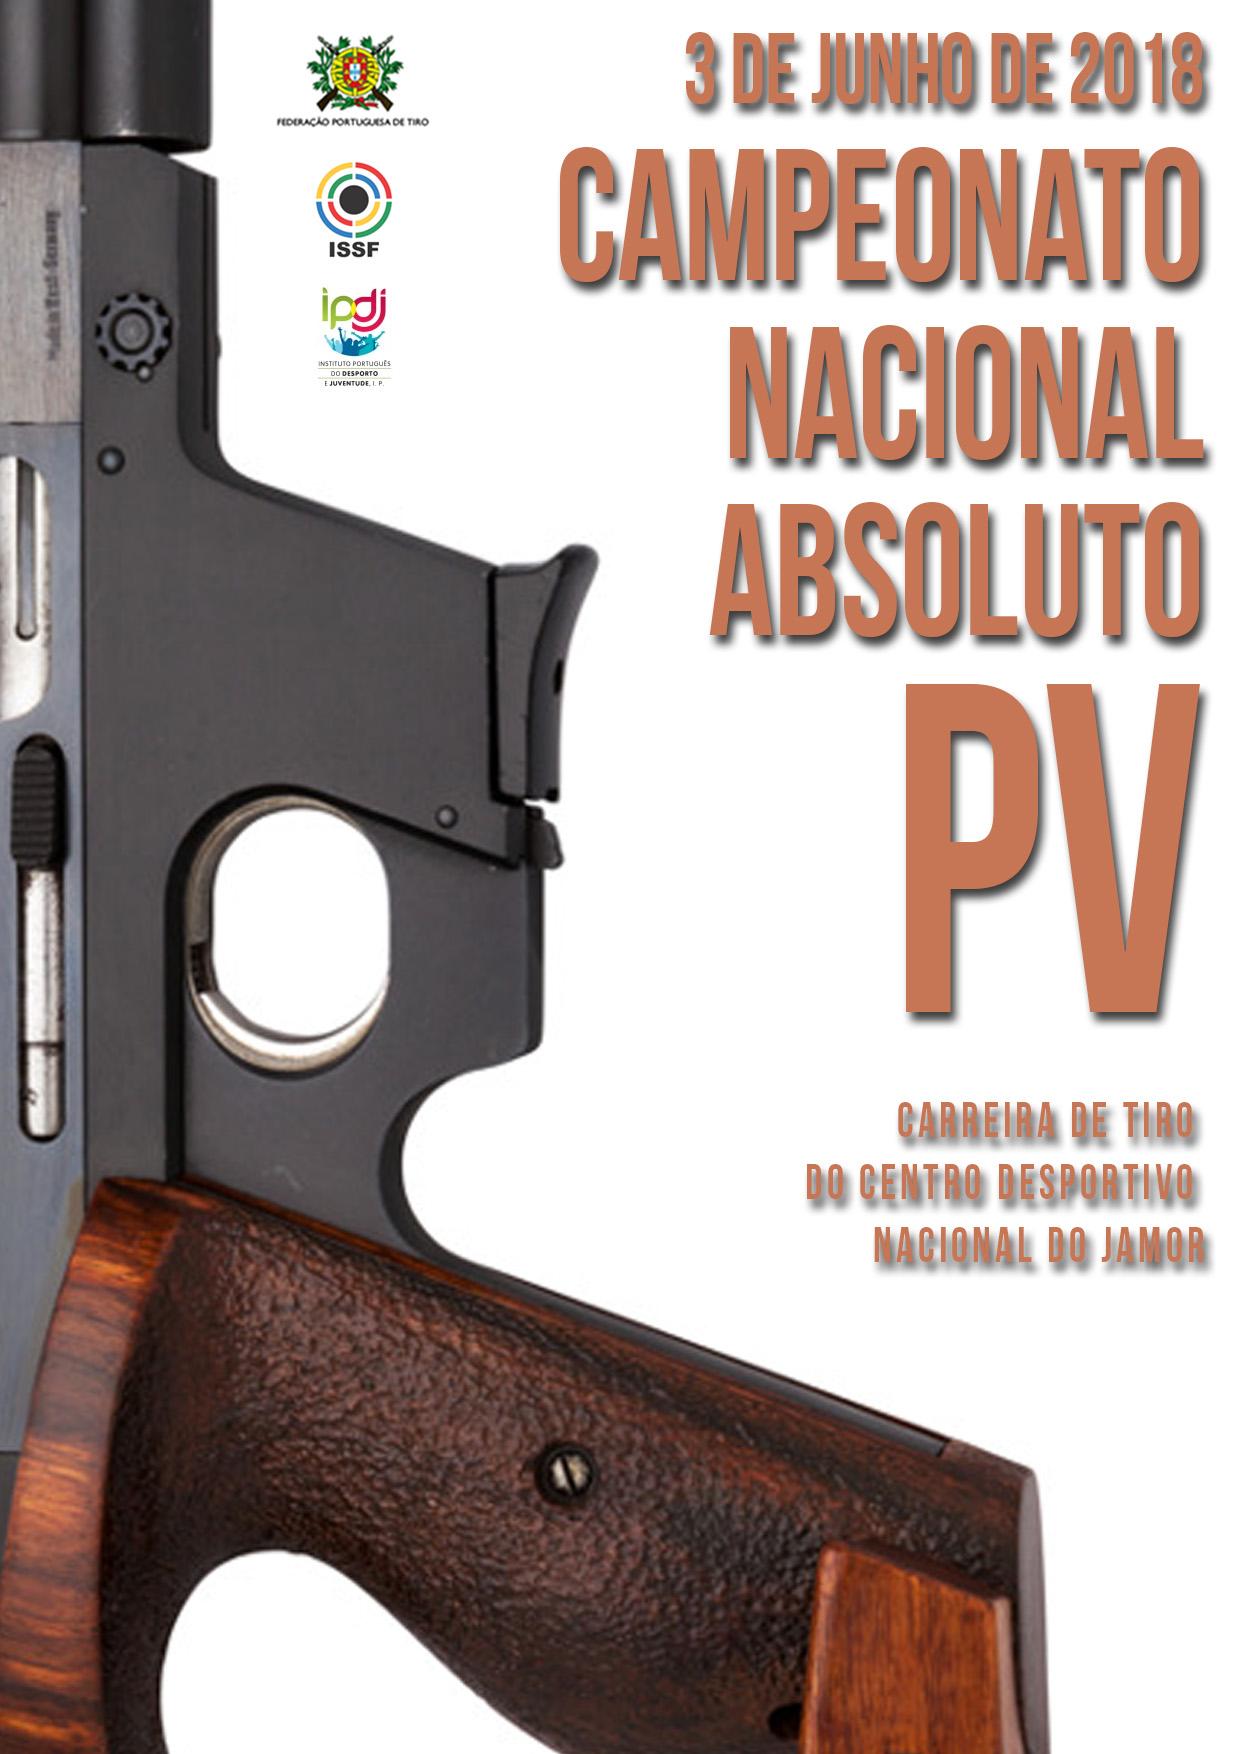 Campeonato Nacional PV 2018